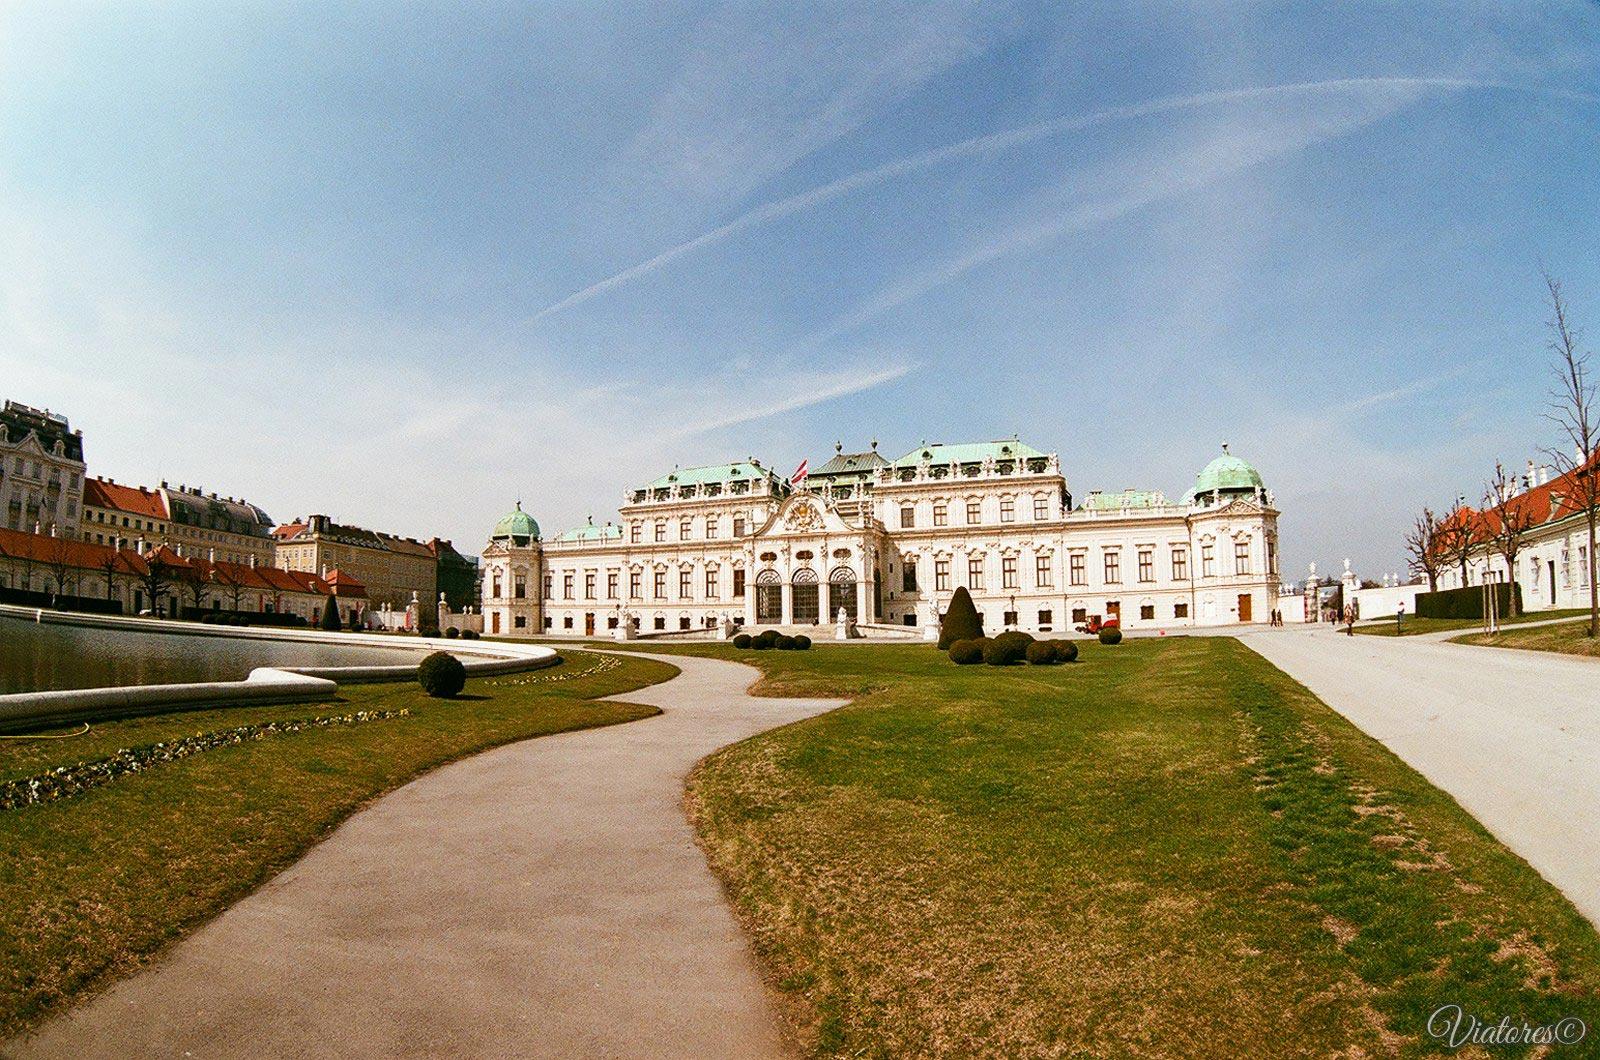 Дворцовый комплекс Бельведер (Belvedere)